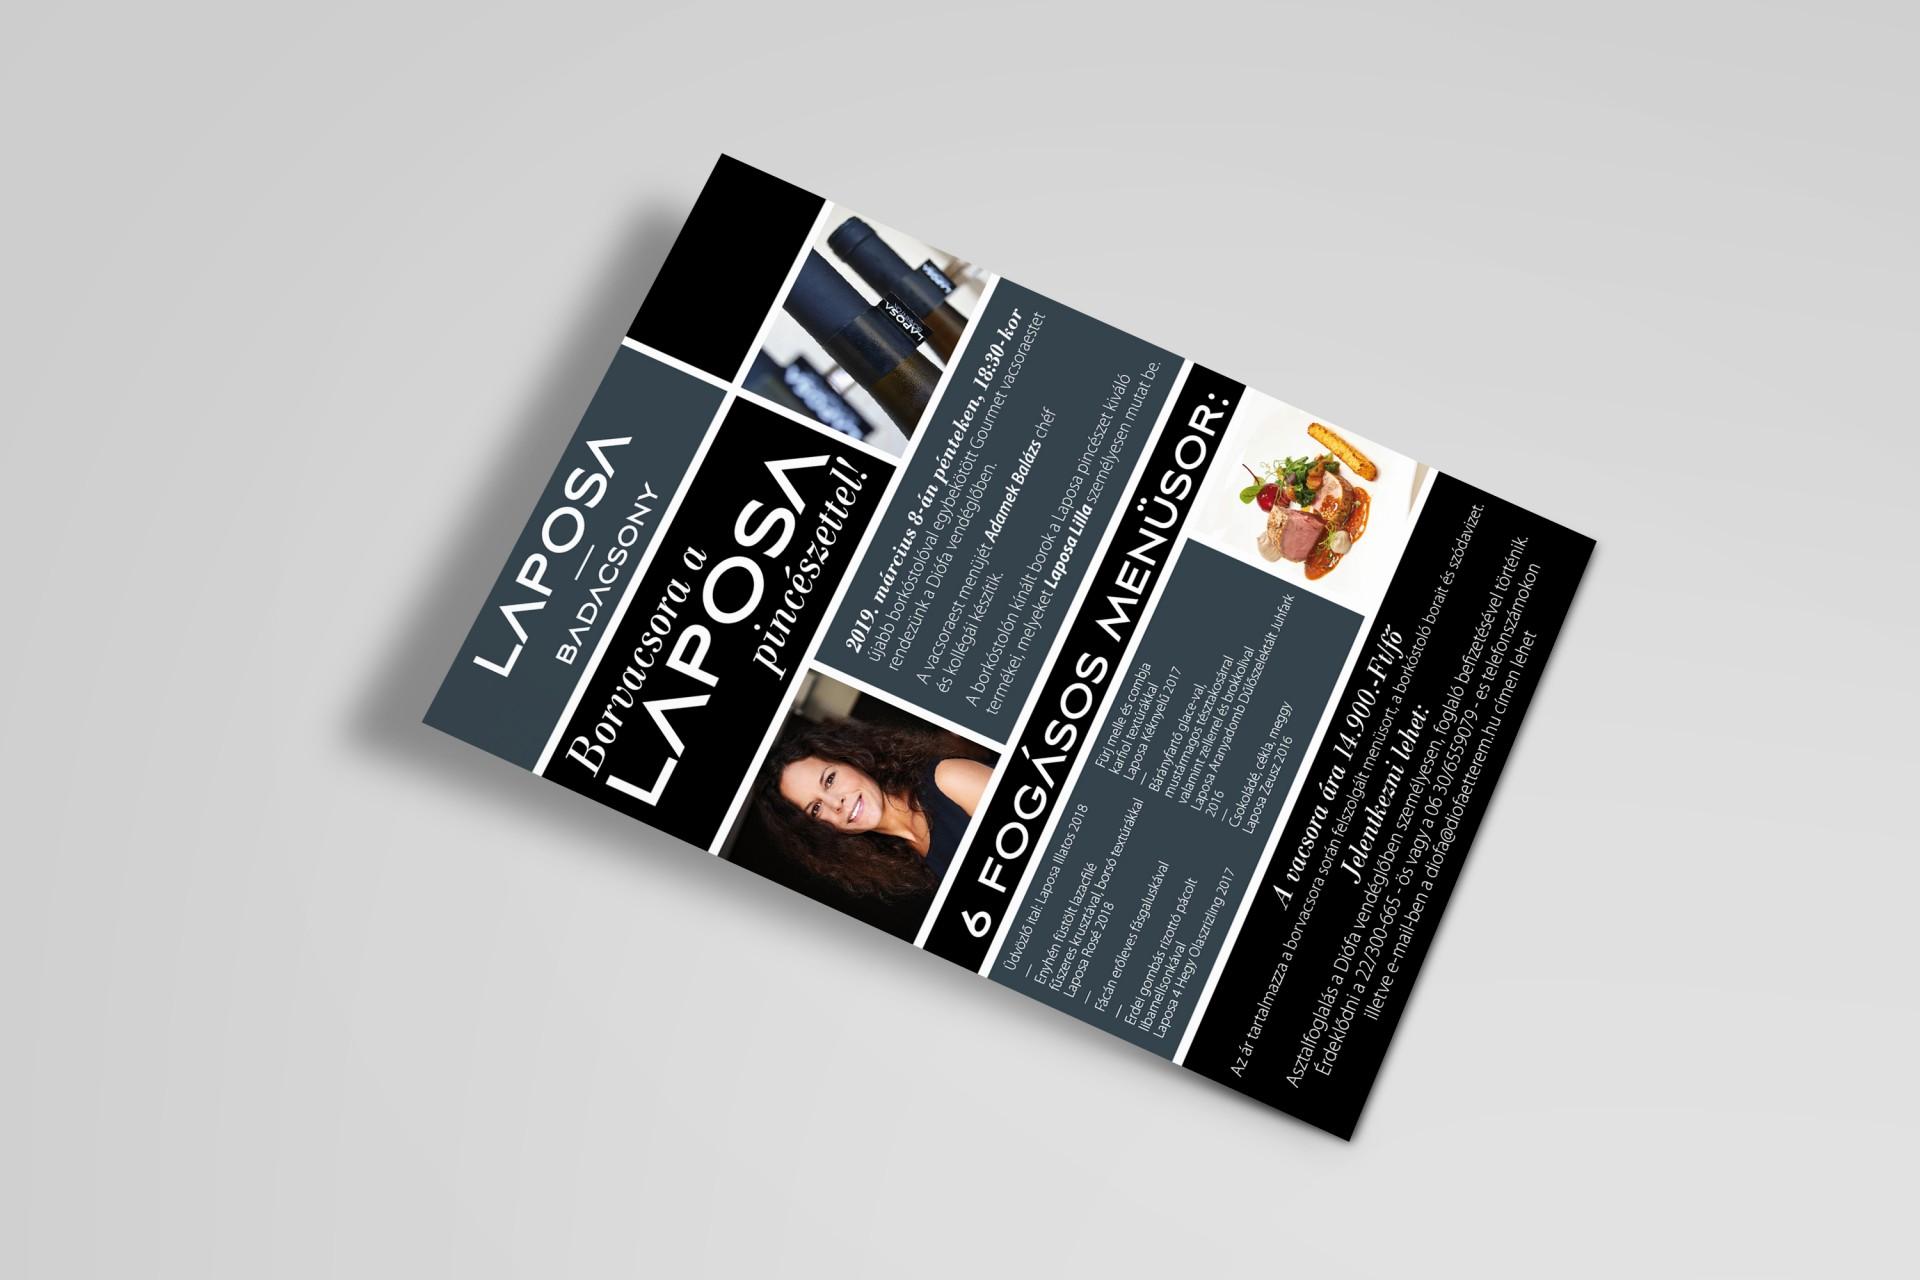 3c5c094d93 plakát, reklámeszköz, reklámfelület, printr nyomda, hirdetés, grafikai  tervezés, székesfehérvár,